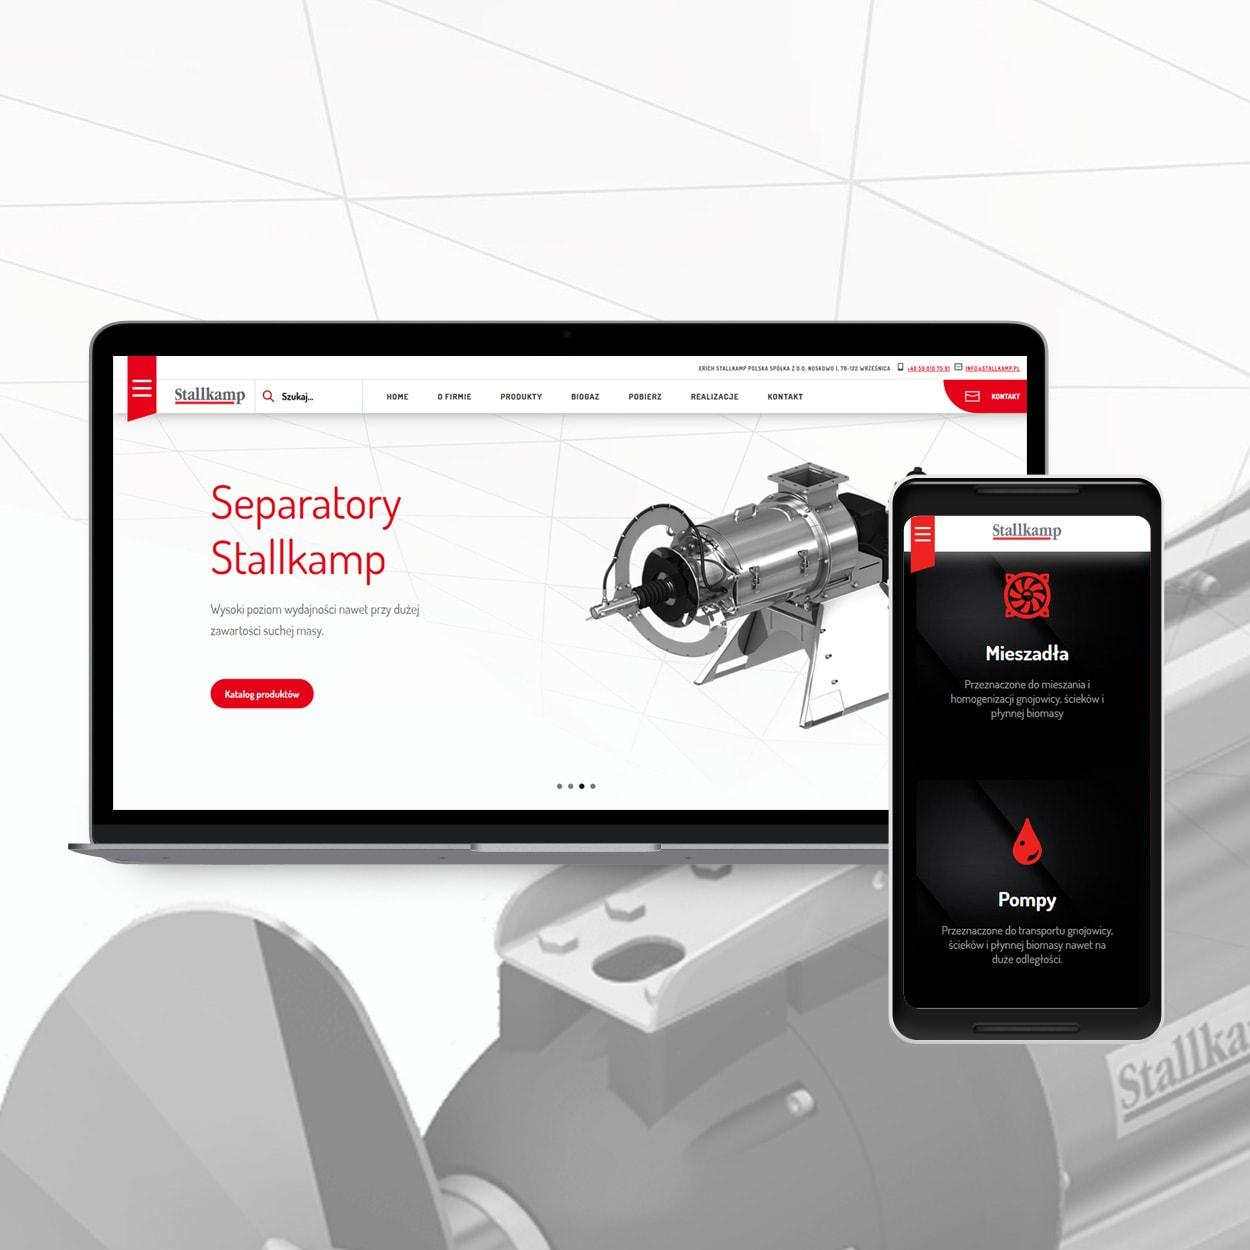 projektowanie stron www dla firmy technicznej - Strona internetowa dla firmy technicznej - Stallkamp.pl